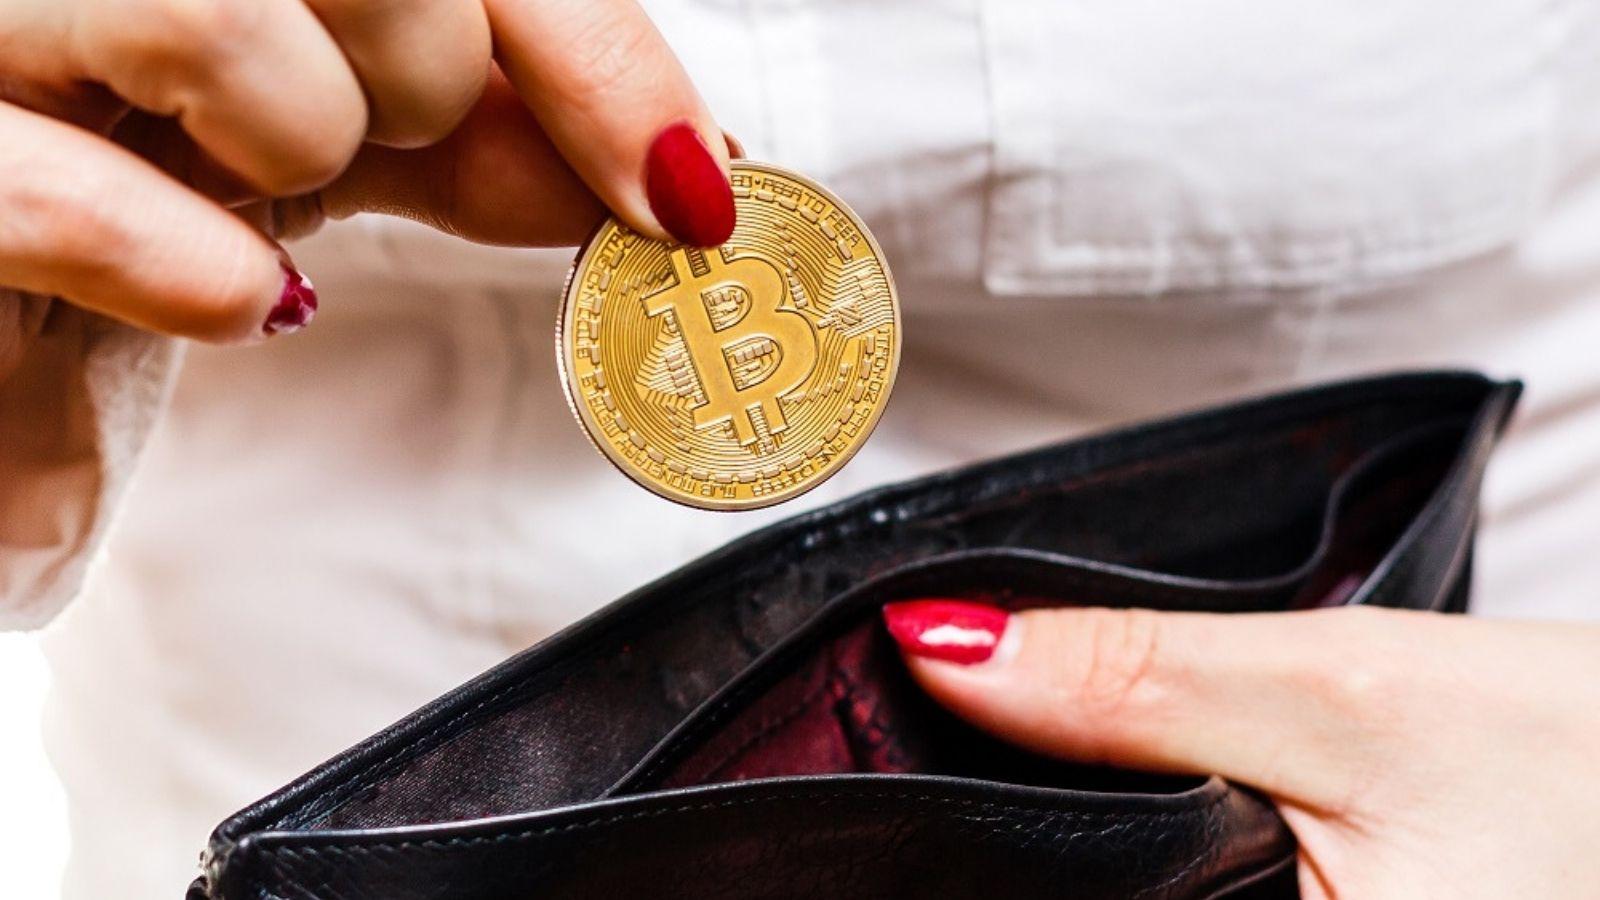 Kryptowaluty wchodzą do e-commerce Technologie mediarun bitcoin